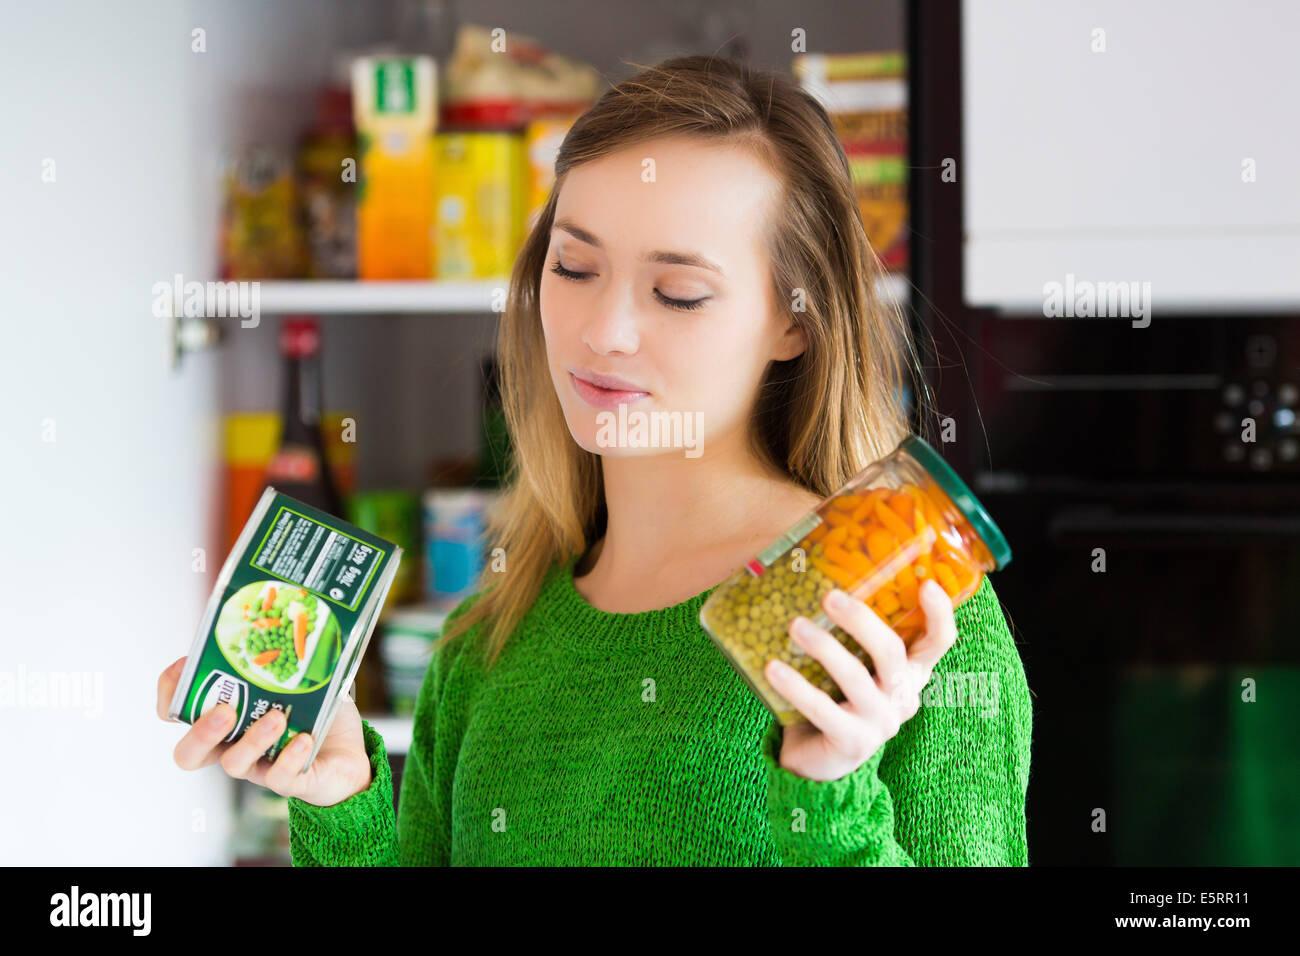 Femme contrôle de la composition et la valeur nutritive. Photo Stock